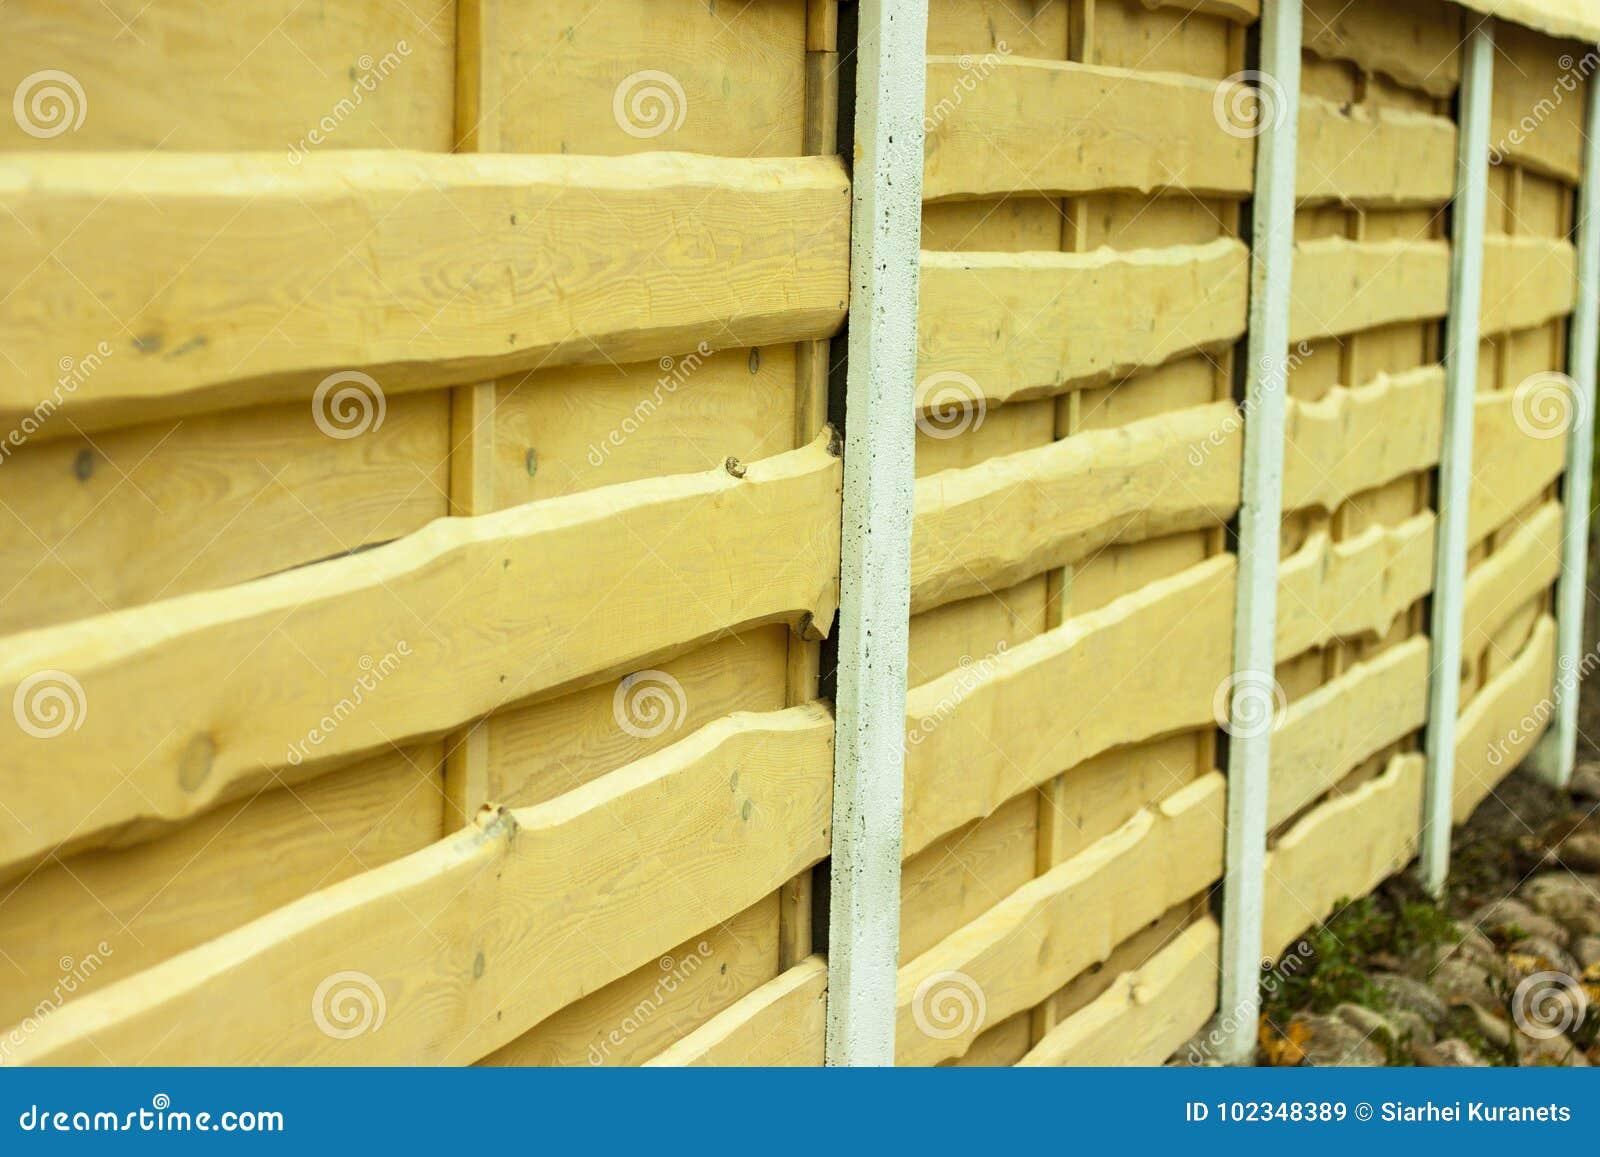 Holzerne Beschaffenheit Horizontale Bretter Zaun Hergestellt Vom